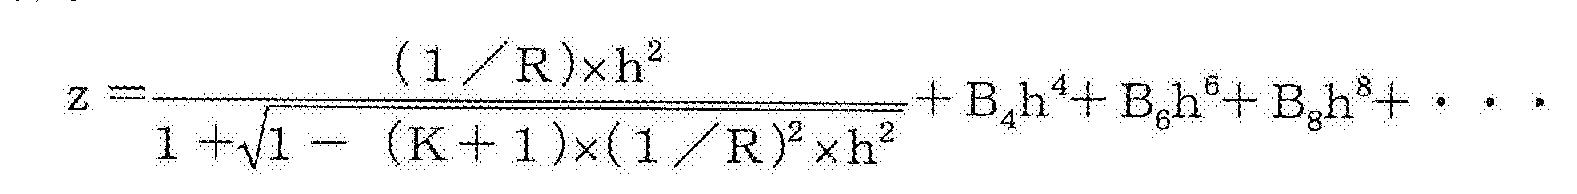 Figure CN103293674BD00161